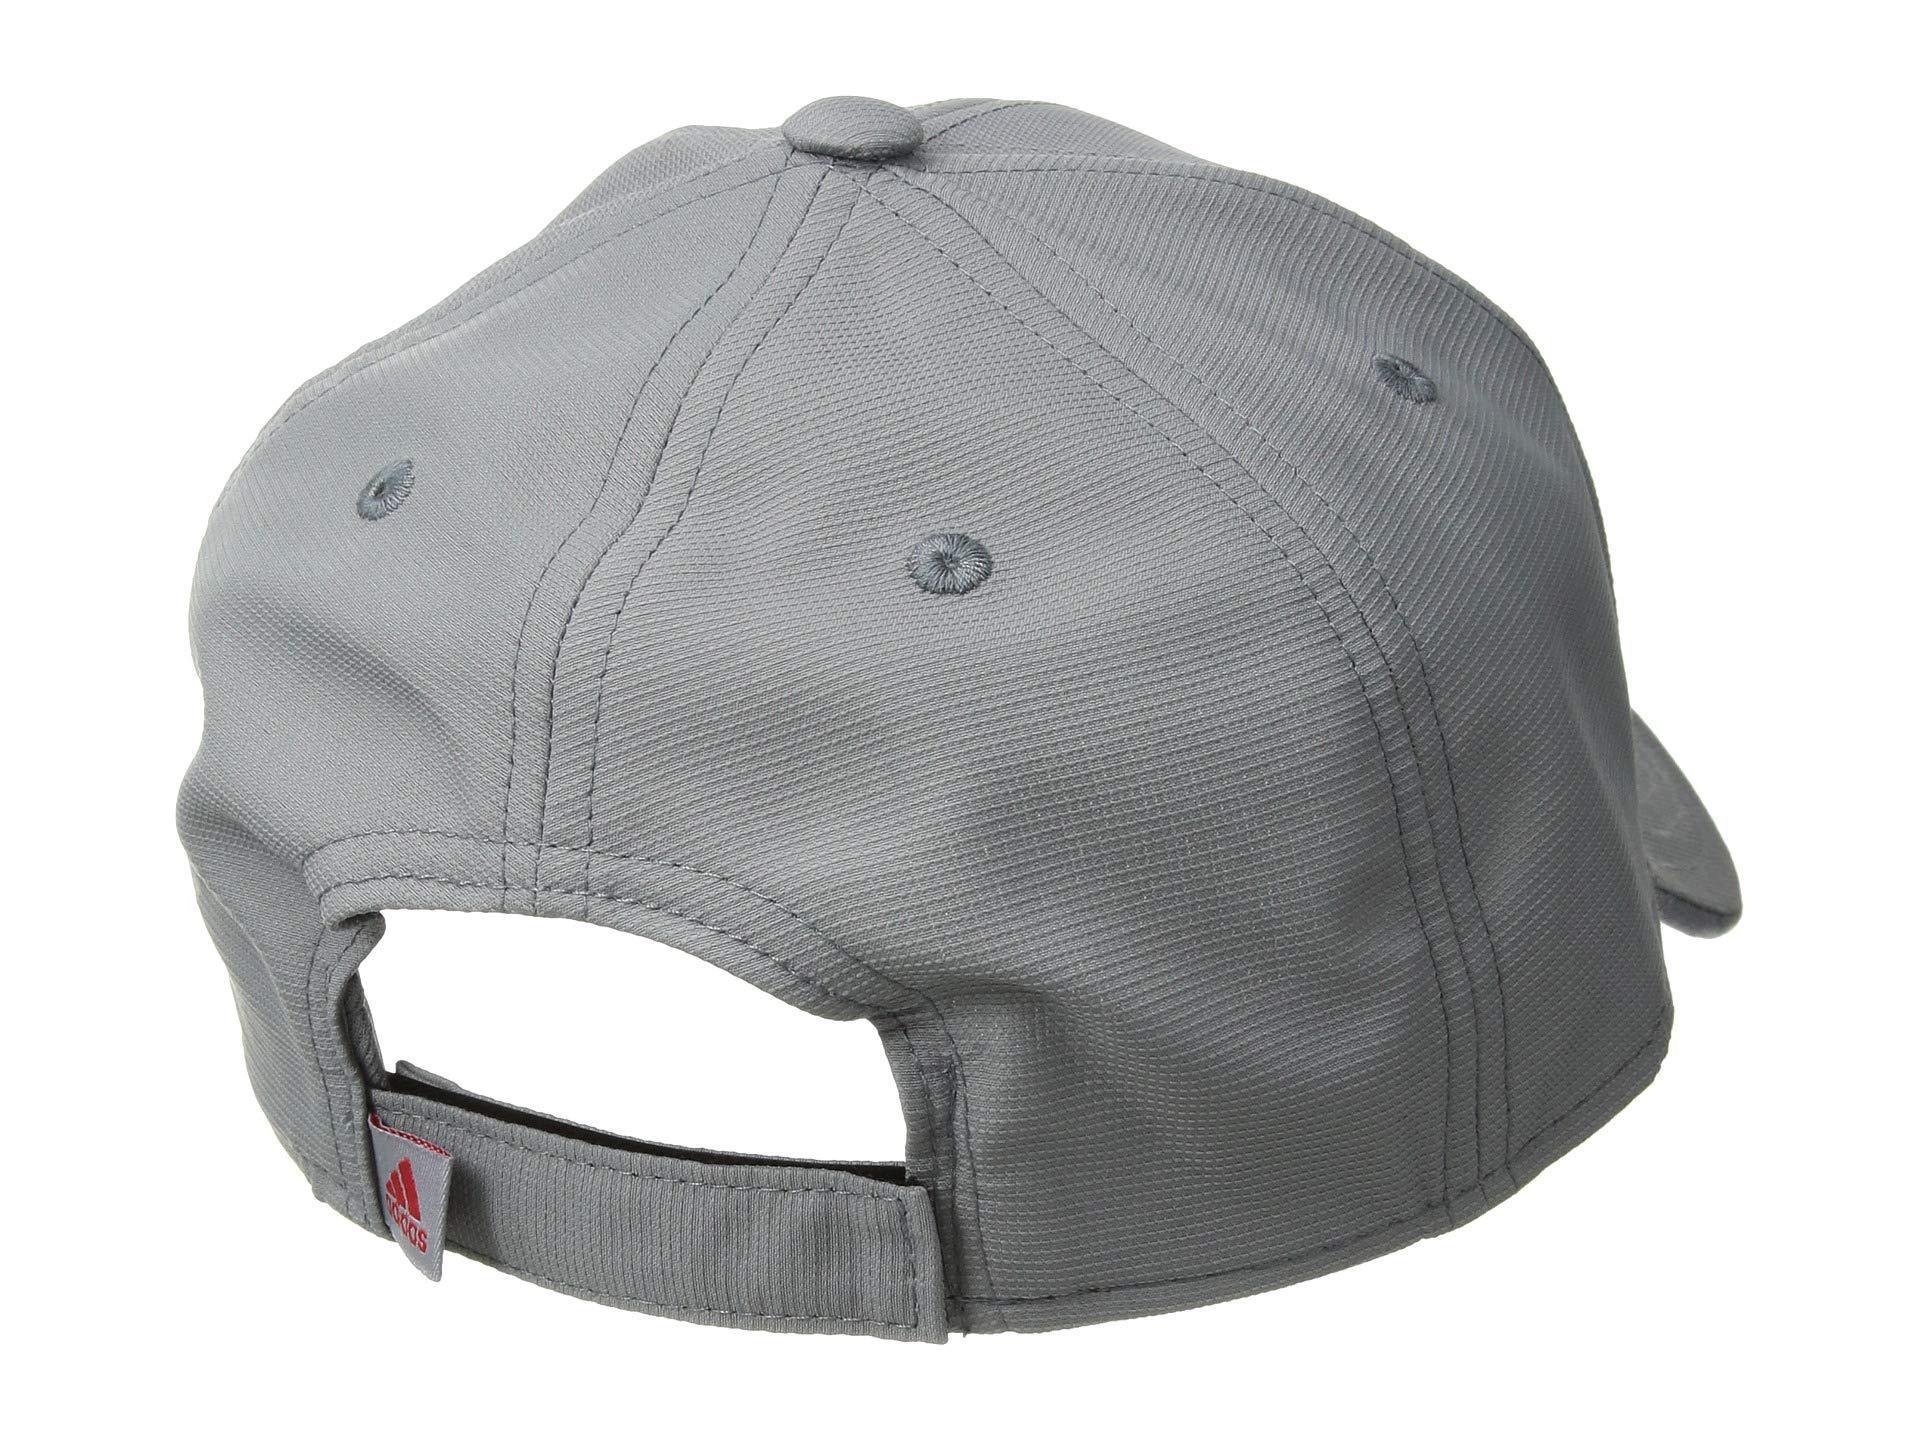 29ef6531d74 Adidas - Gray Decision Cap for Men - Lyst. View fullscreen